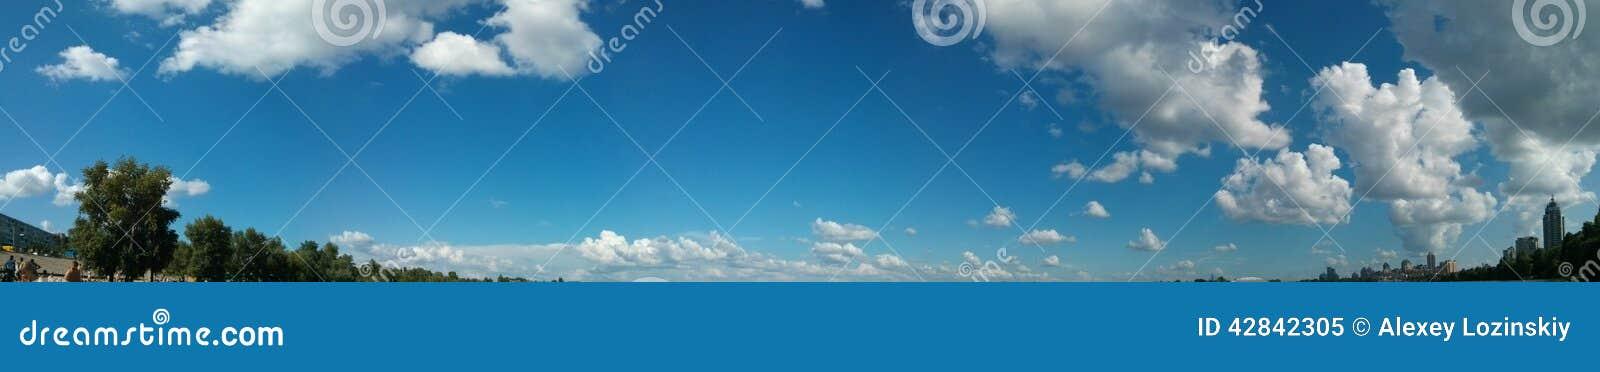 Μεγάλη άποψη πανοράματος του ουρανού με τα σύννεφα και τα δέντρα